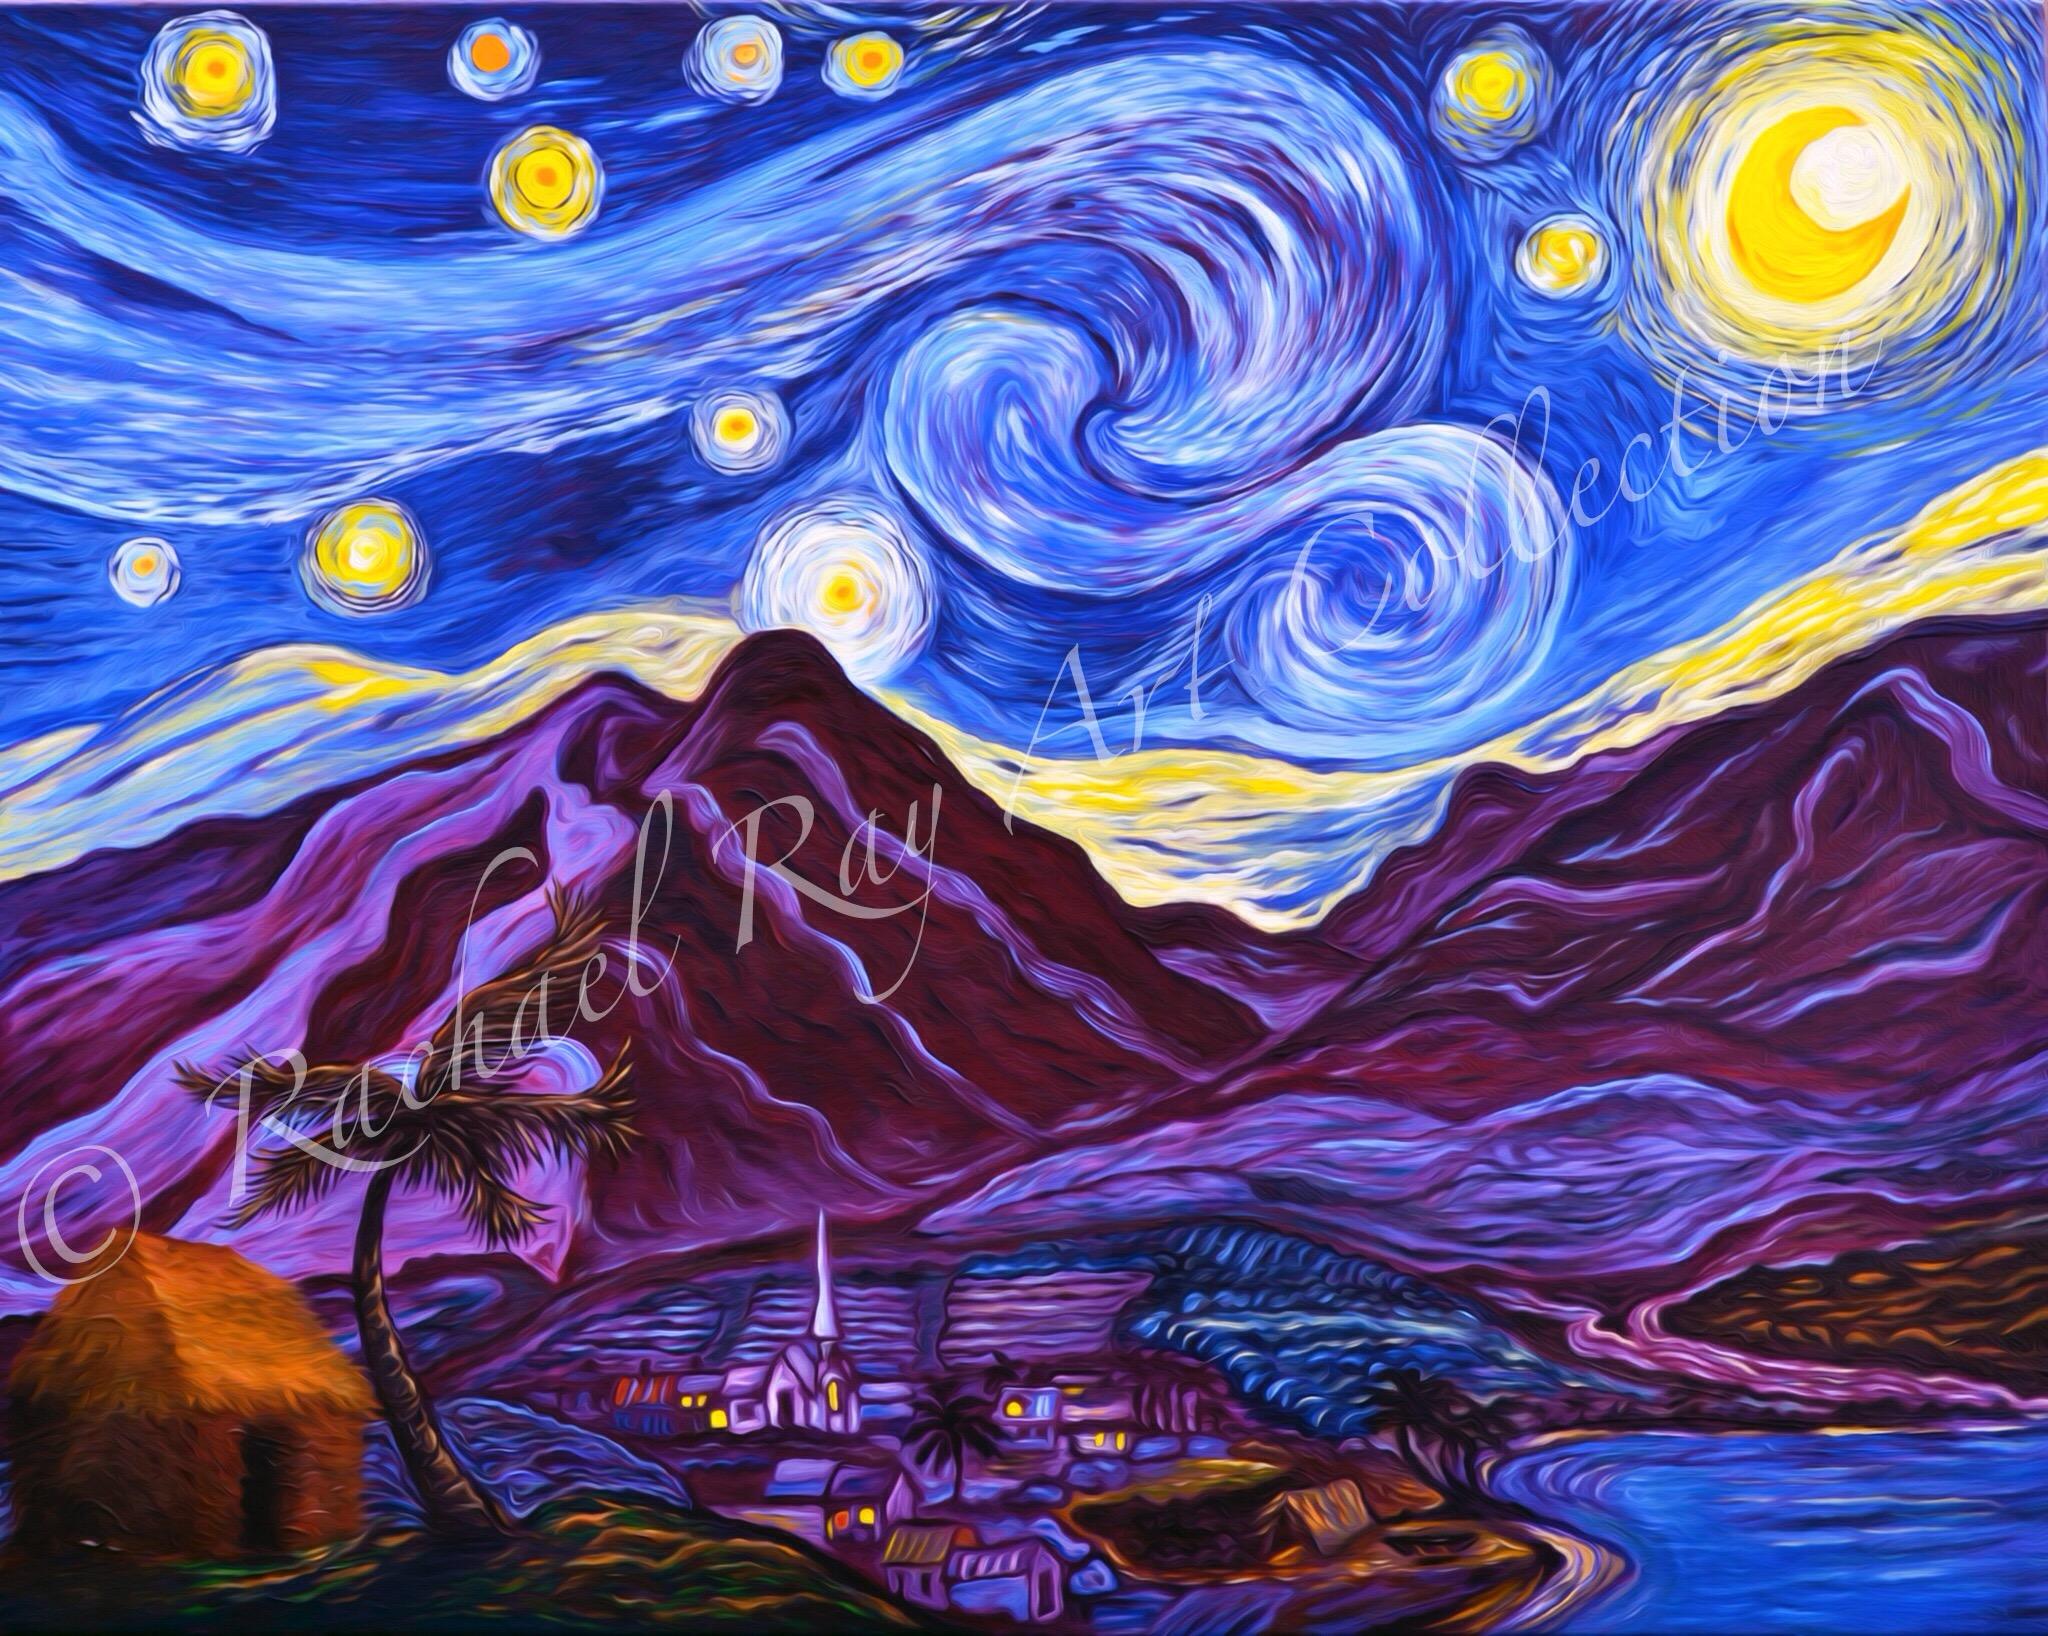 Maui Artists Paintings